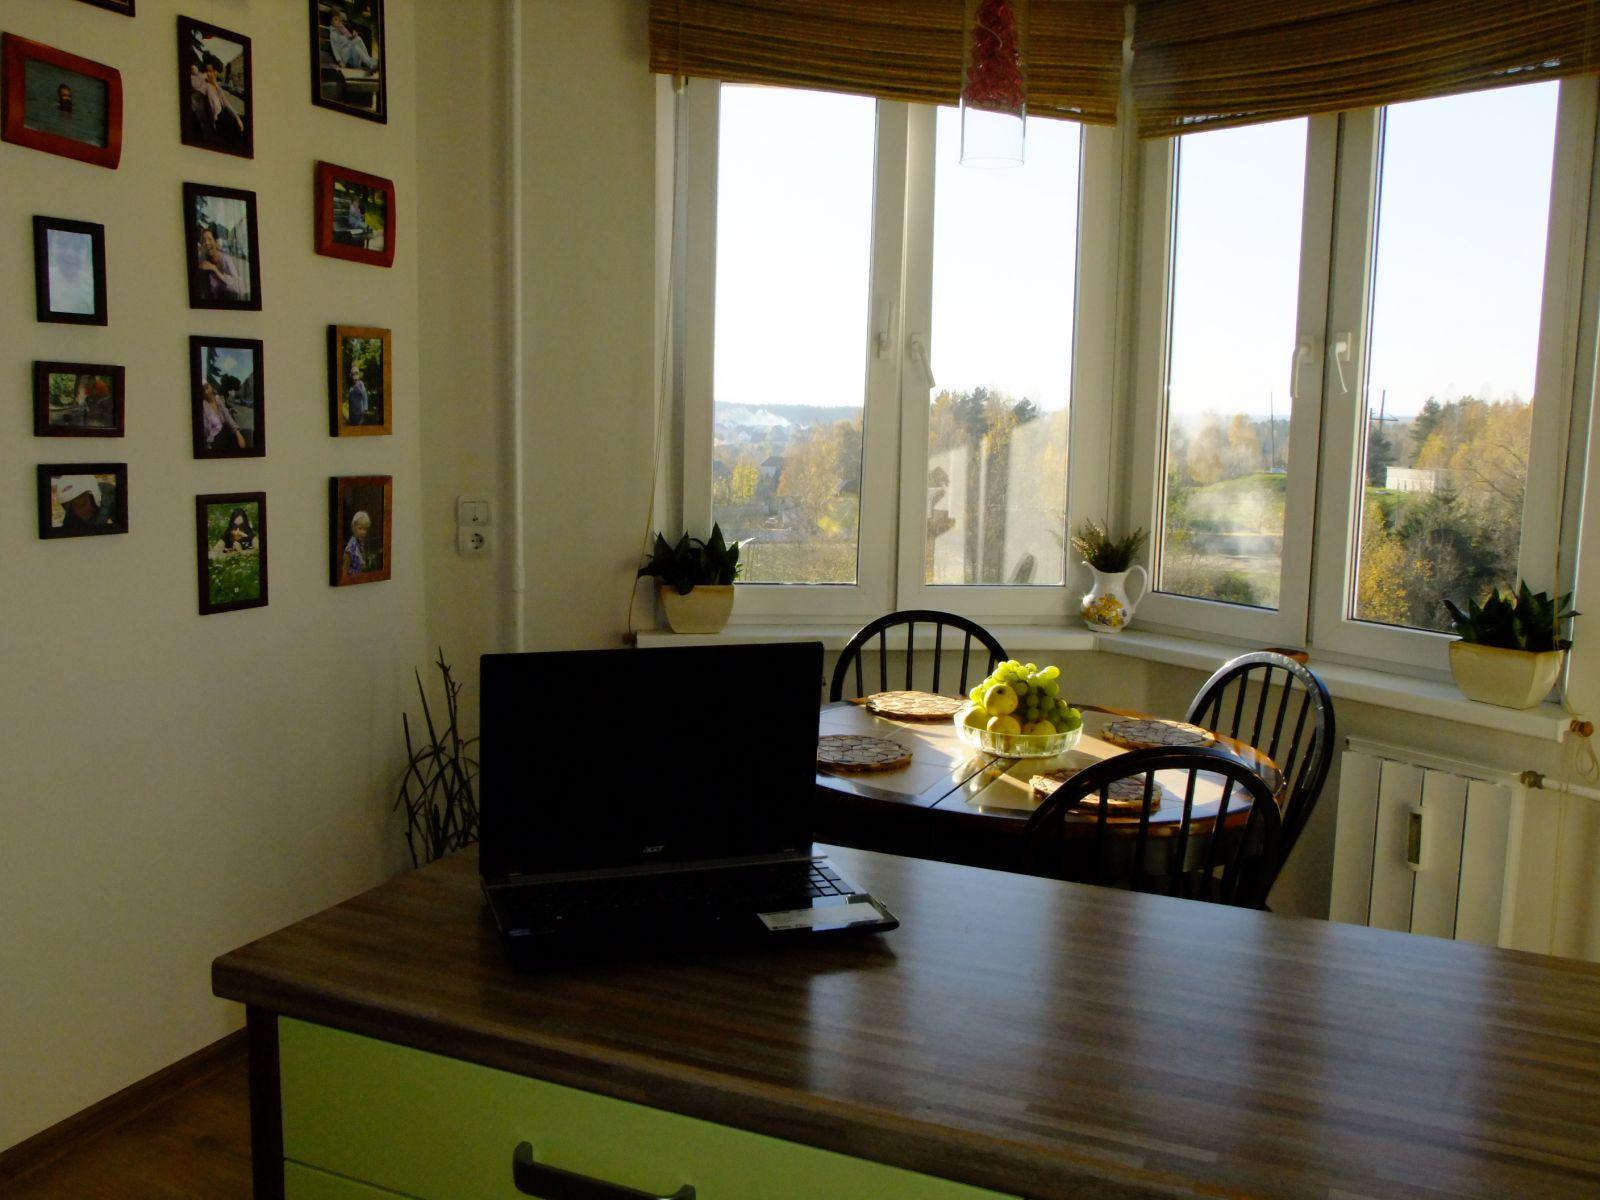 Кухня 12 кв.м. с эркером и выделенной обеденной зоной (8 фот.